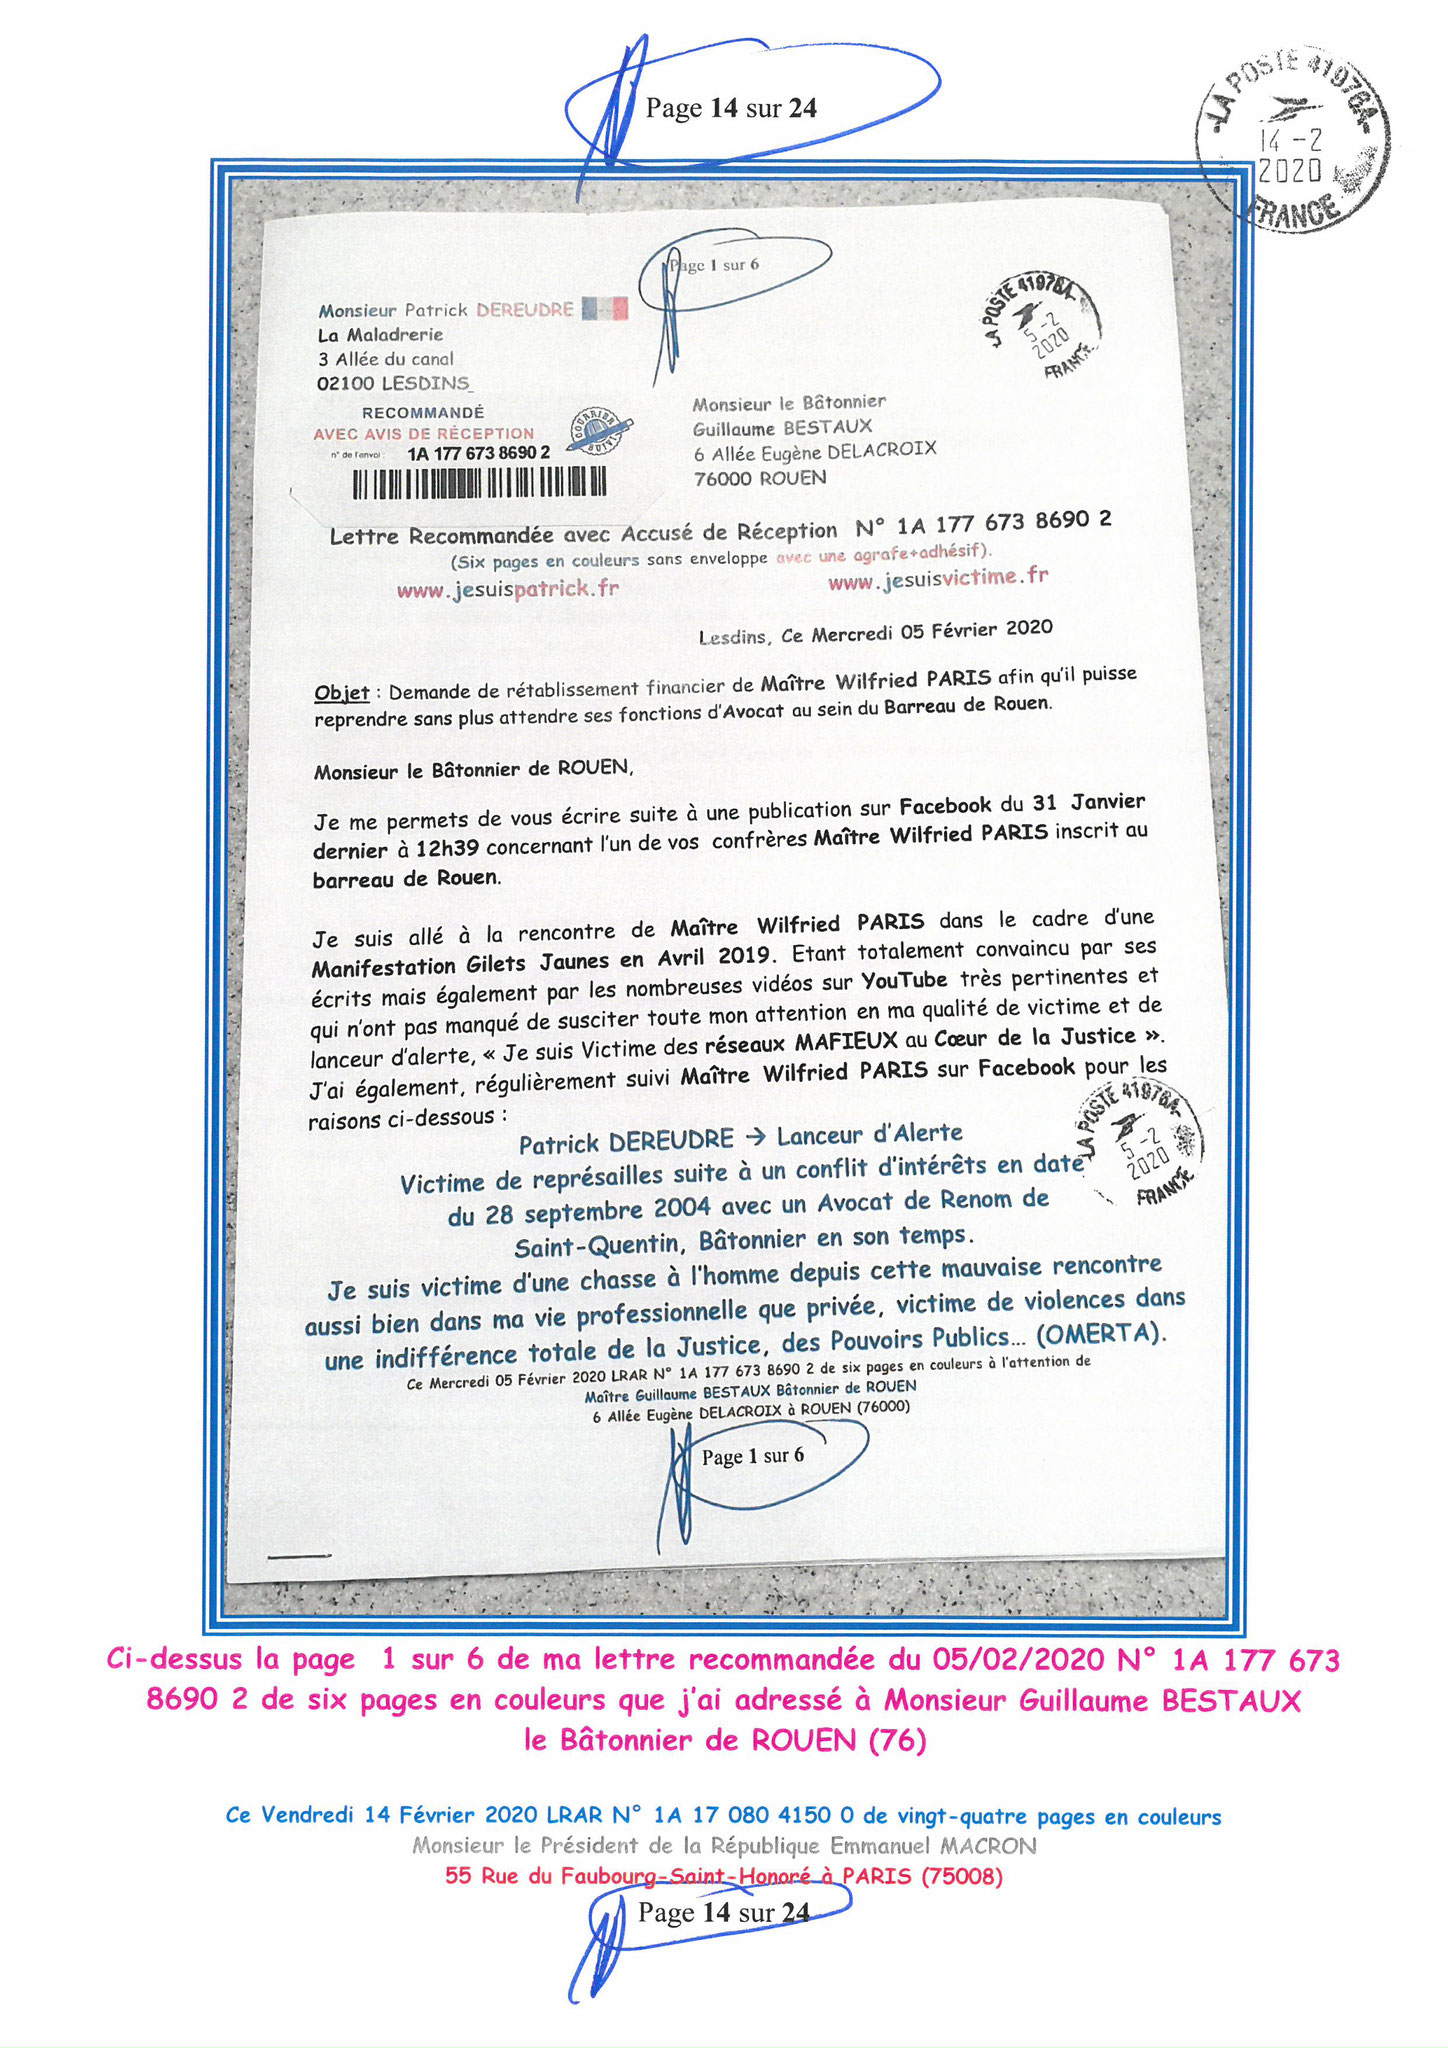 Ma lettre recommandée du 14 Février 2020 N° 1A 178 082 4150 0  page 14 sur 24 en couleur que j'ai adressé à Monsieur Emmanuel MACRON le Président de la République www.jesuispatrick.fr www.jesuisvictime.fr www.alerte-rouge-france.fr